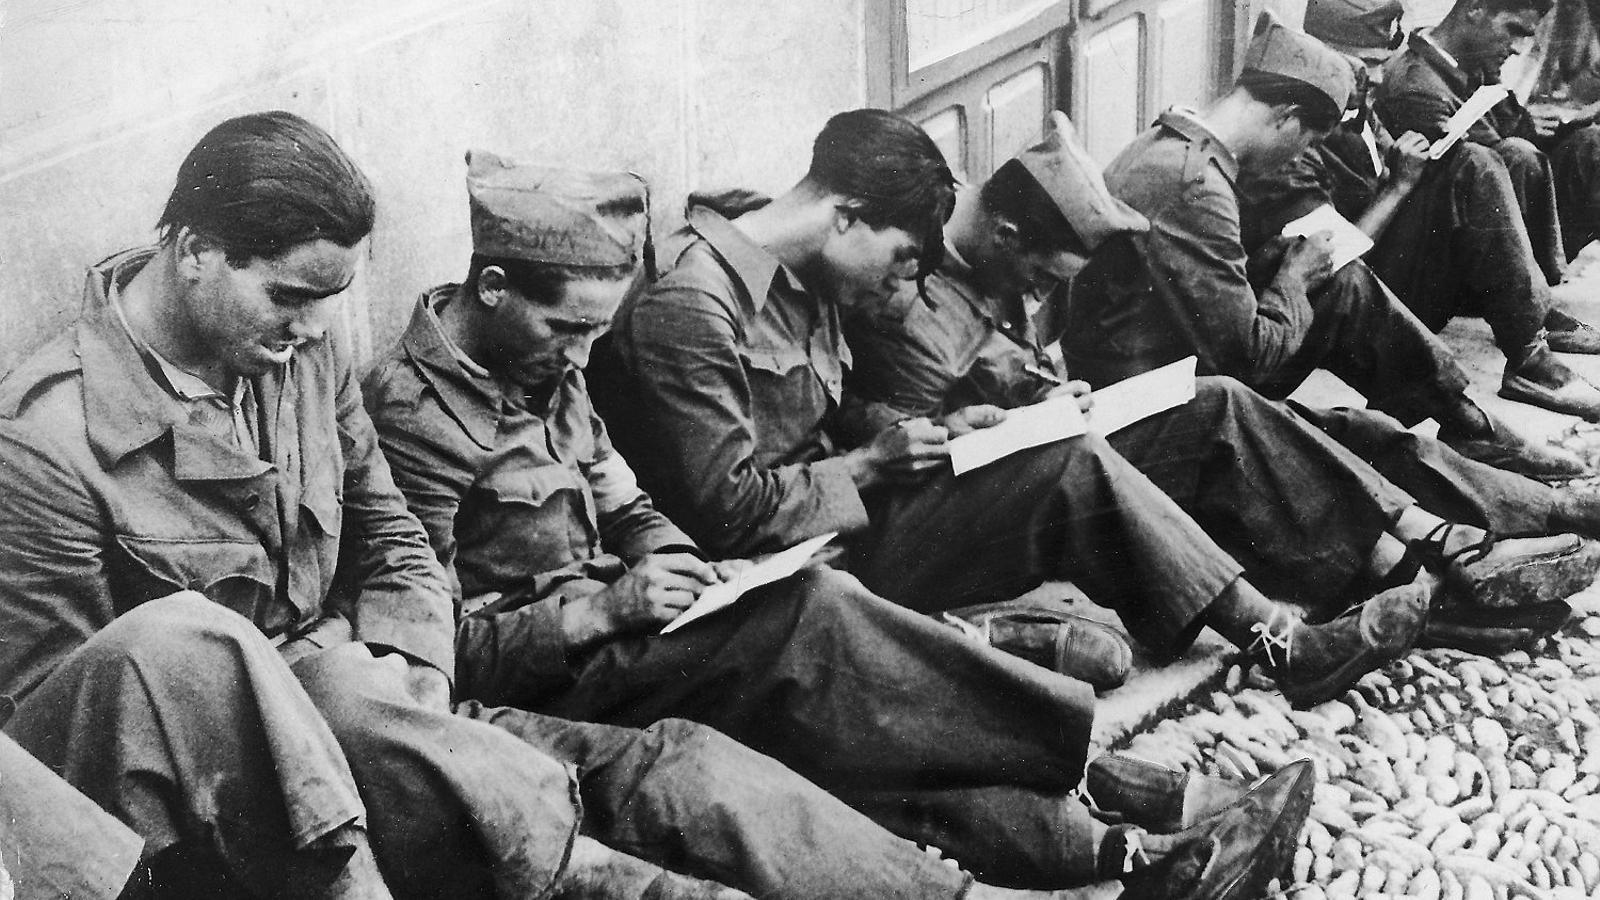 Un grup de soldats escrivint cartes i diaris.